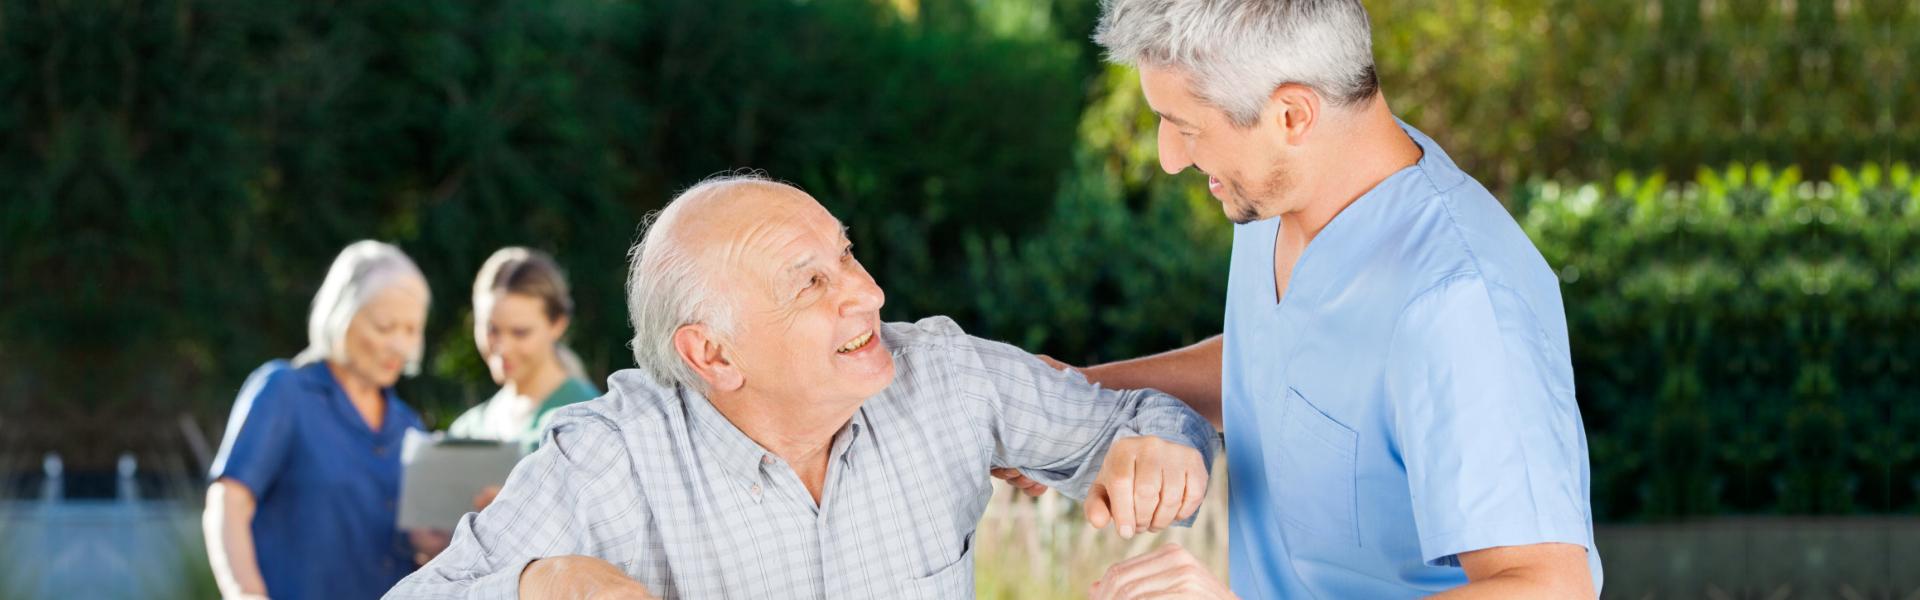 Caregiver talking to elder